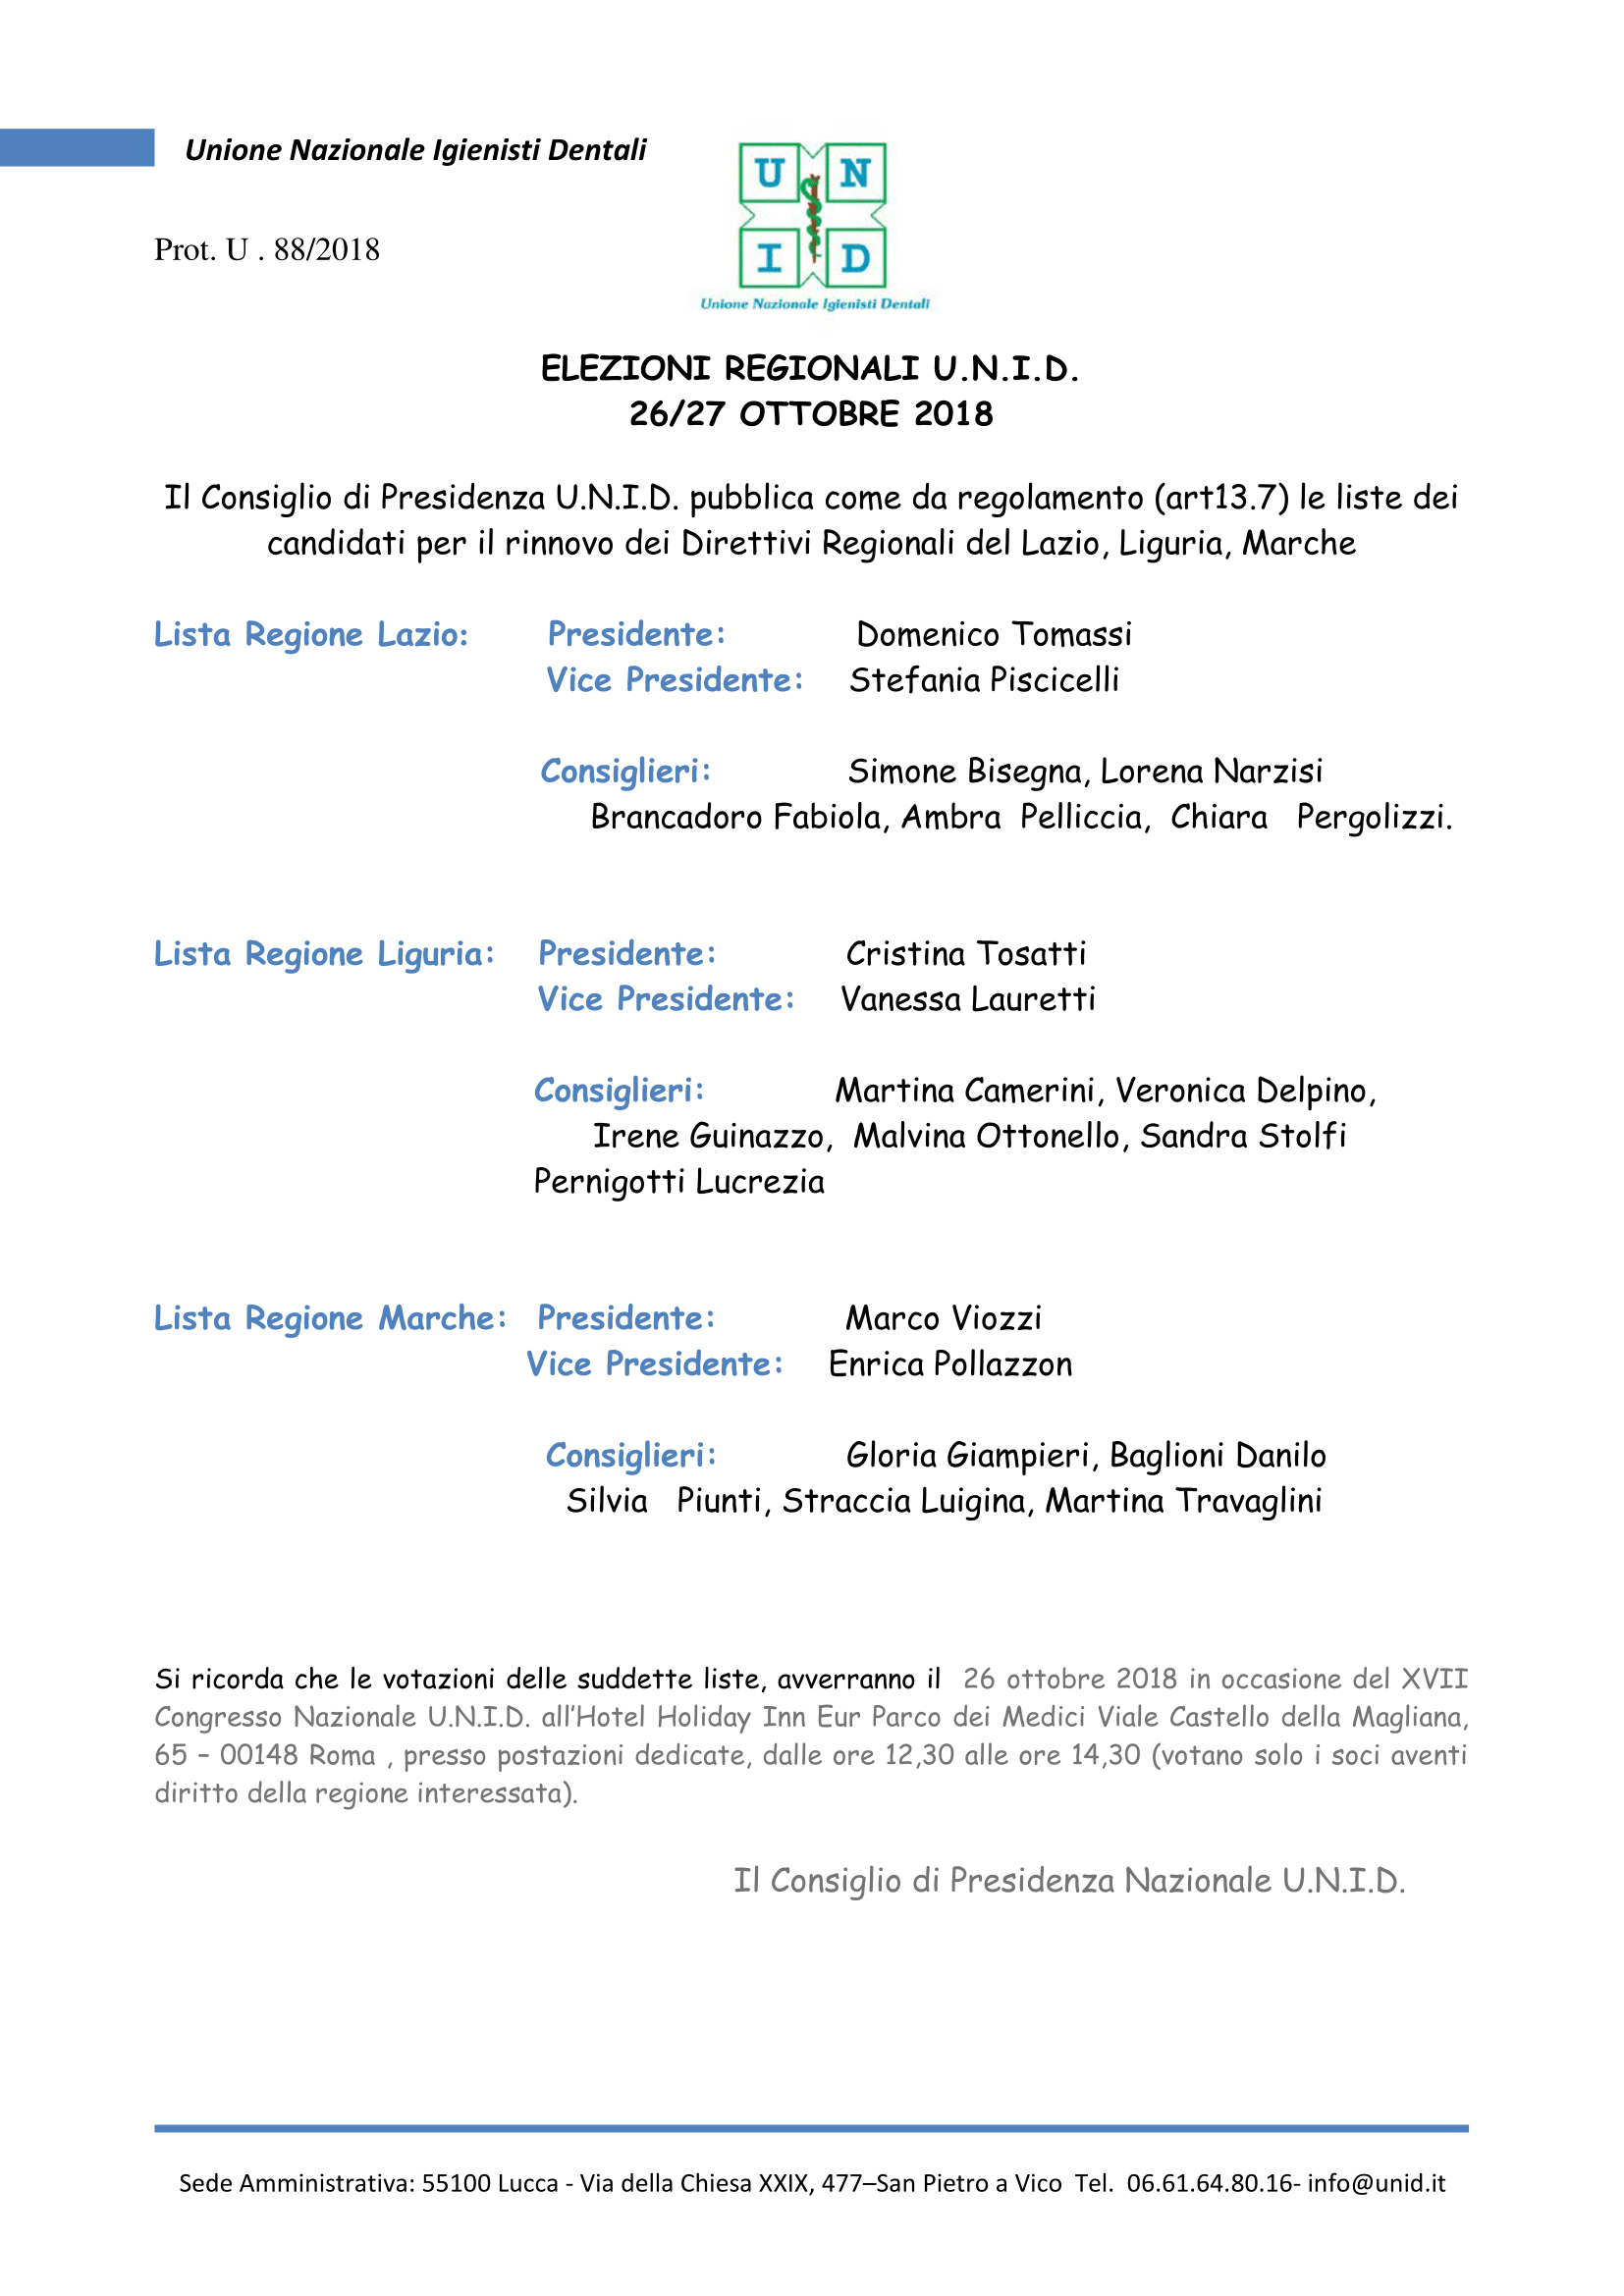 Comunicatto lista elezioni Regionali U.N.I.D 2018-1